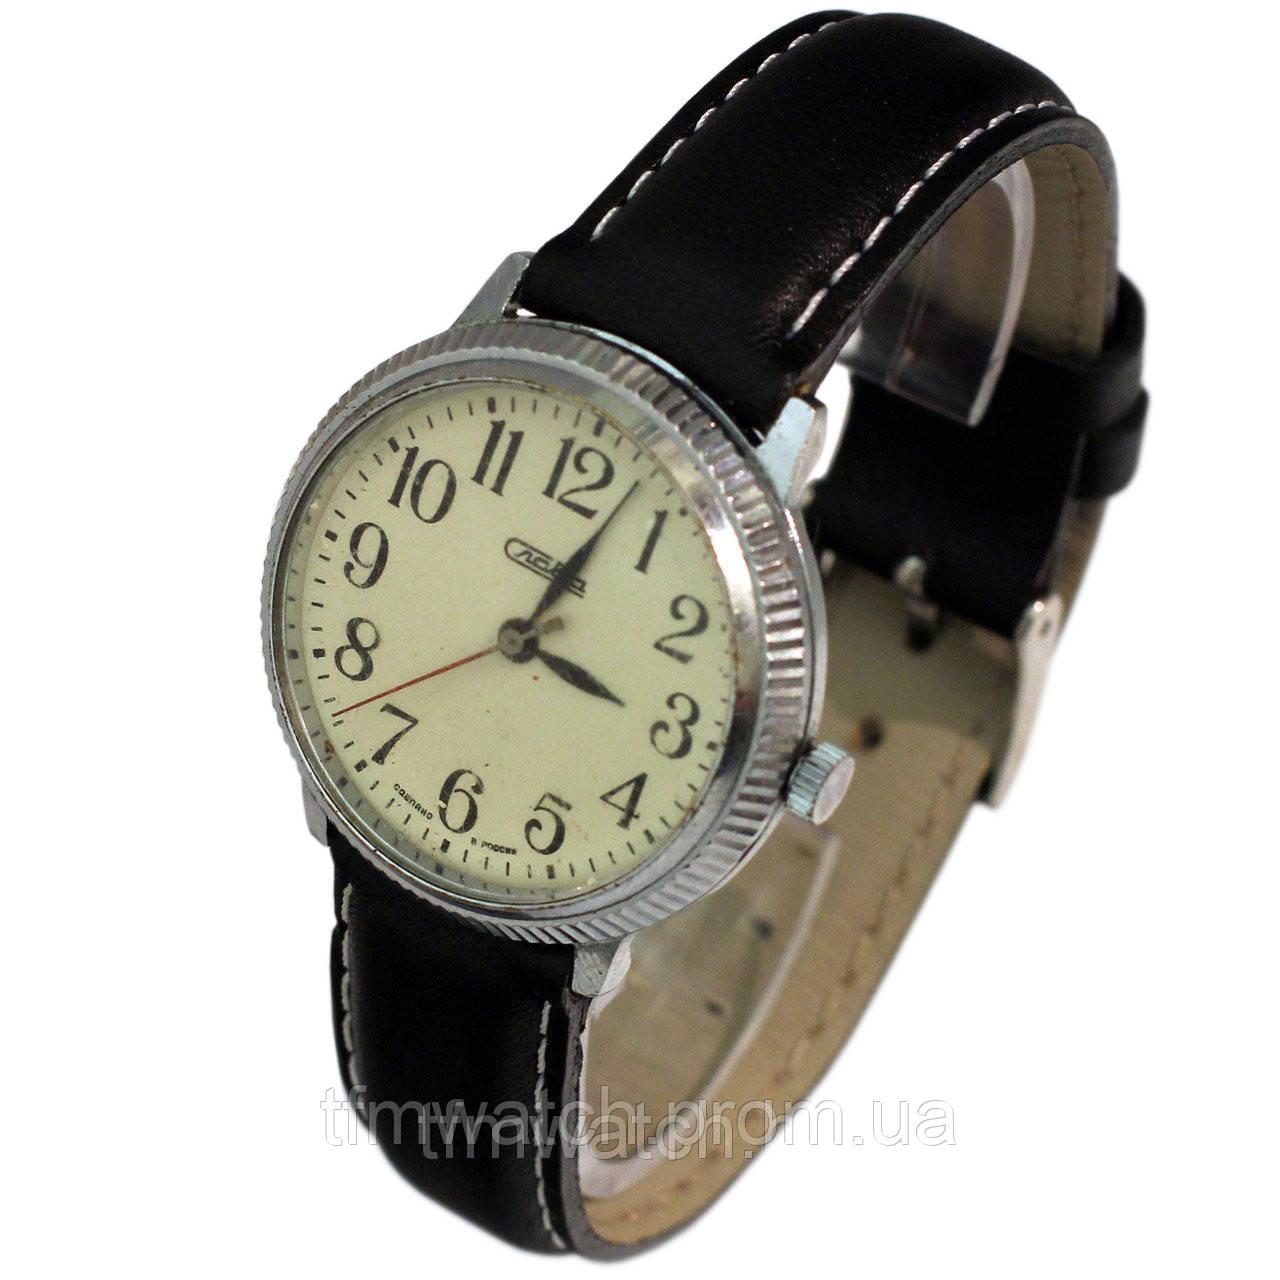 Купить российские механические часы в москве часы чайка ссср с бриллиантами купить